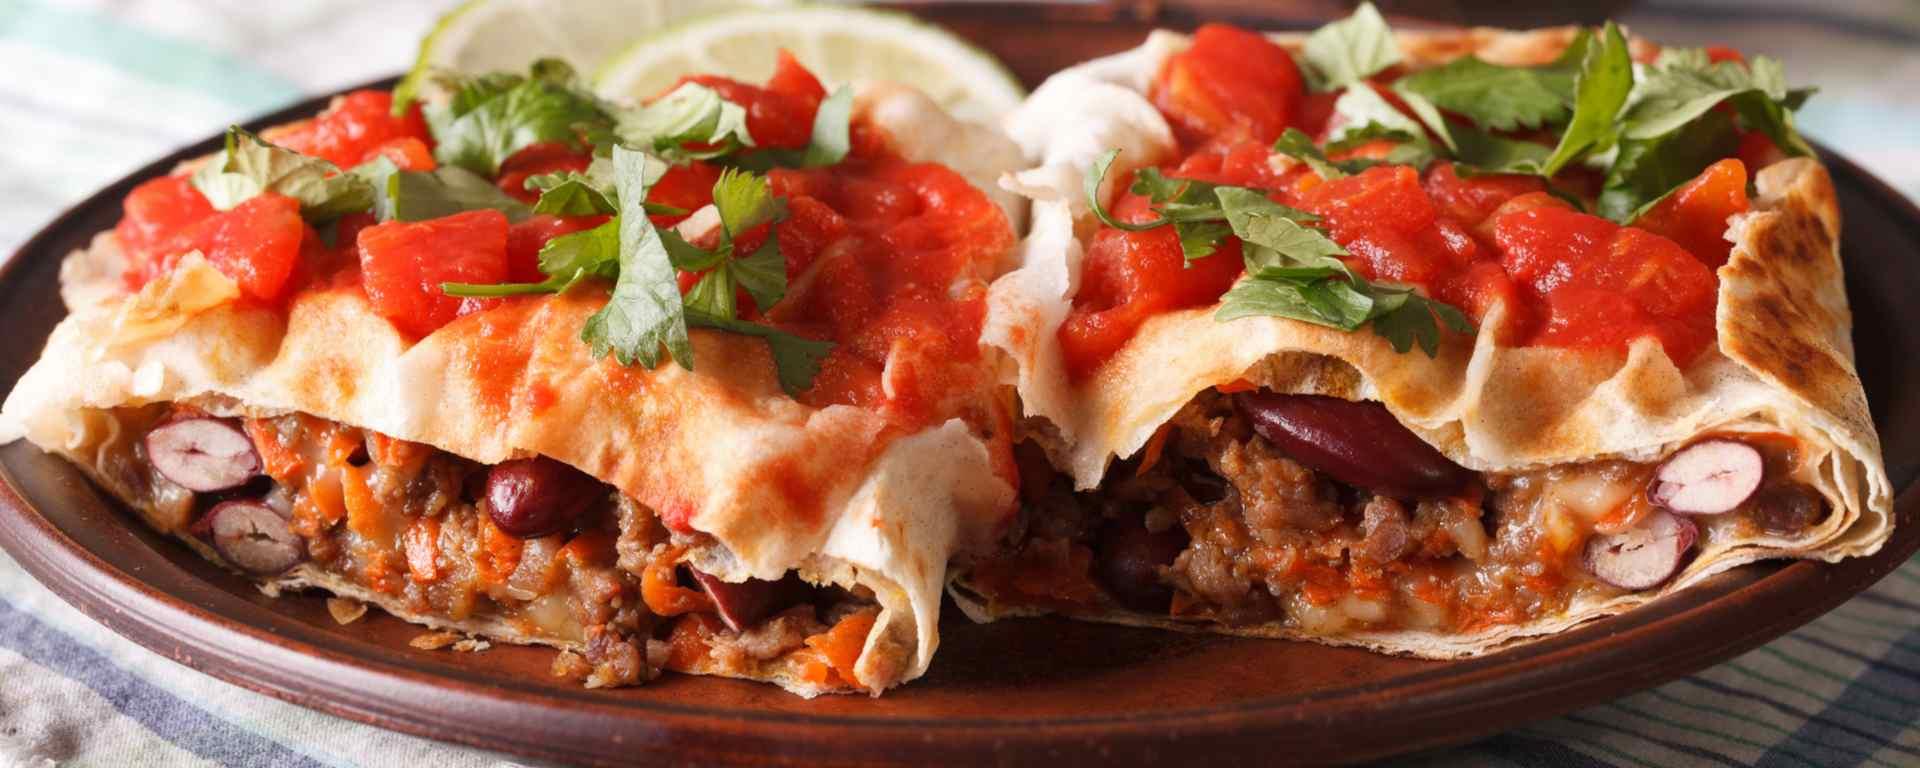 Photo for - Fiesta Chicken Burritos